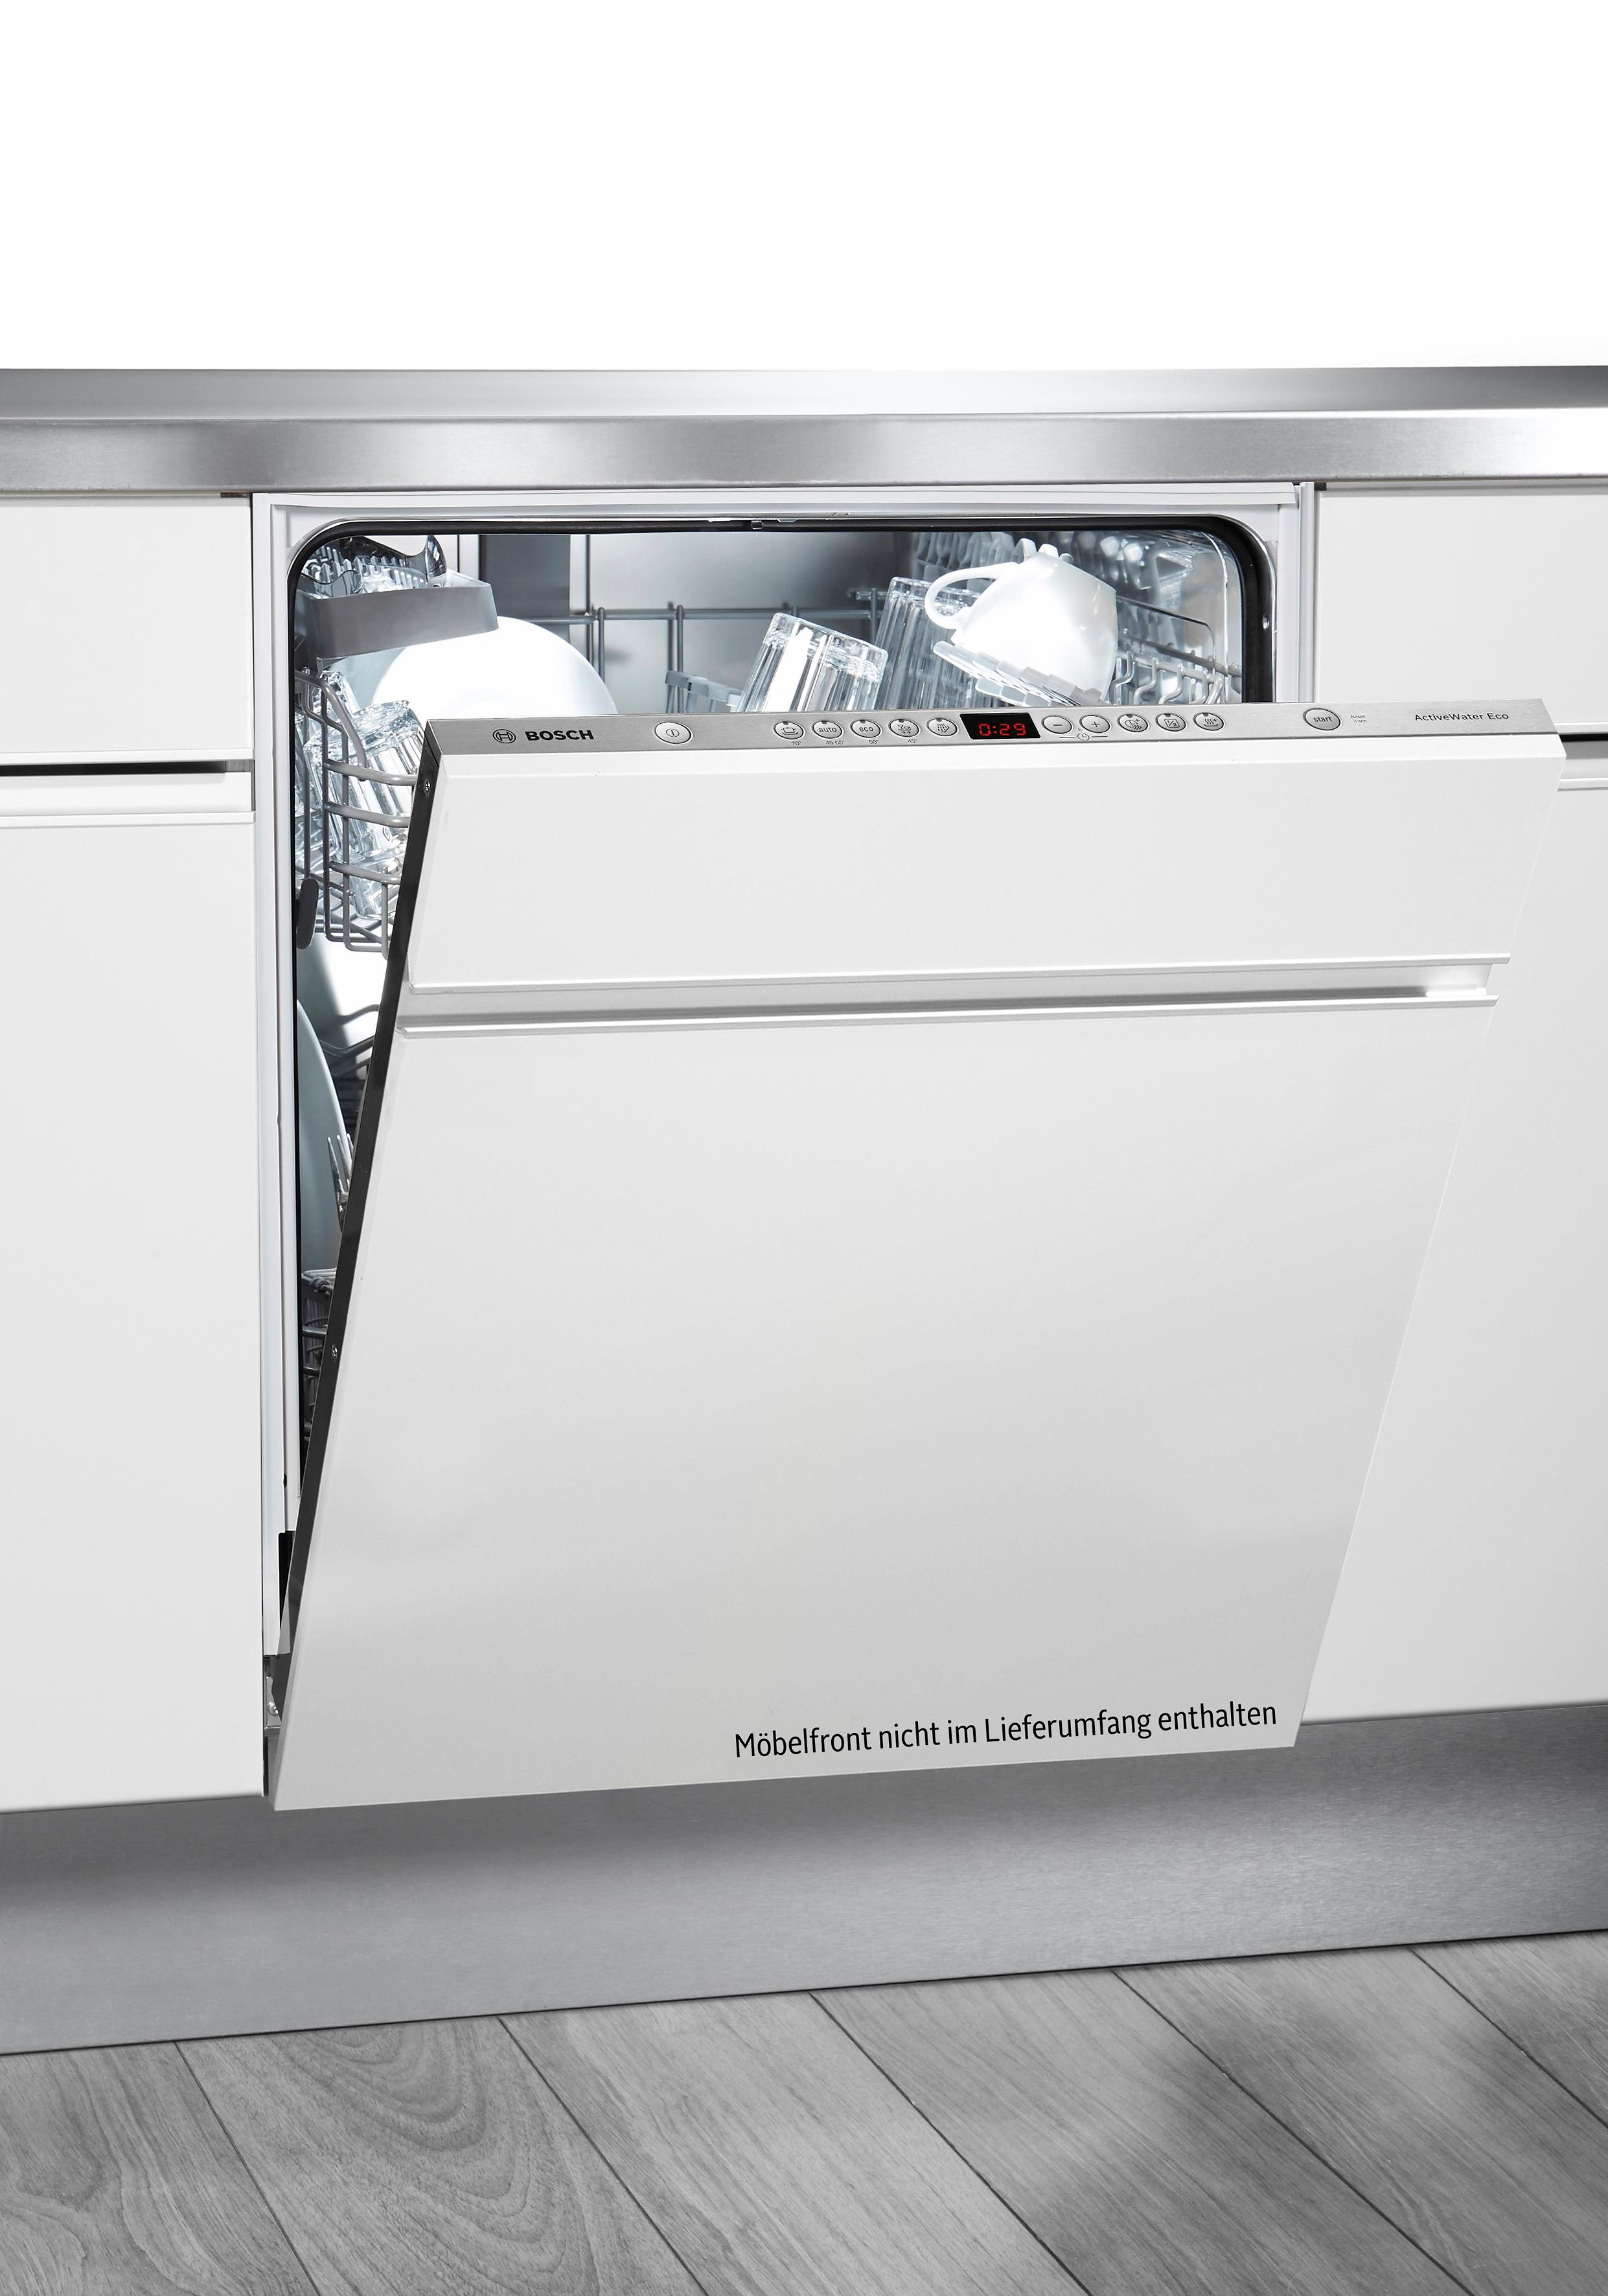 Bosch vollintegrierbarer Einbaugeschirrspüler SBV54N31EU, Energieklasse A++